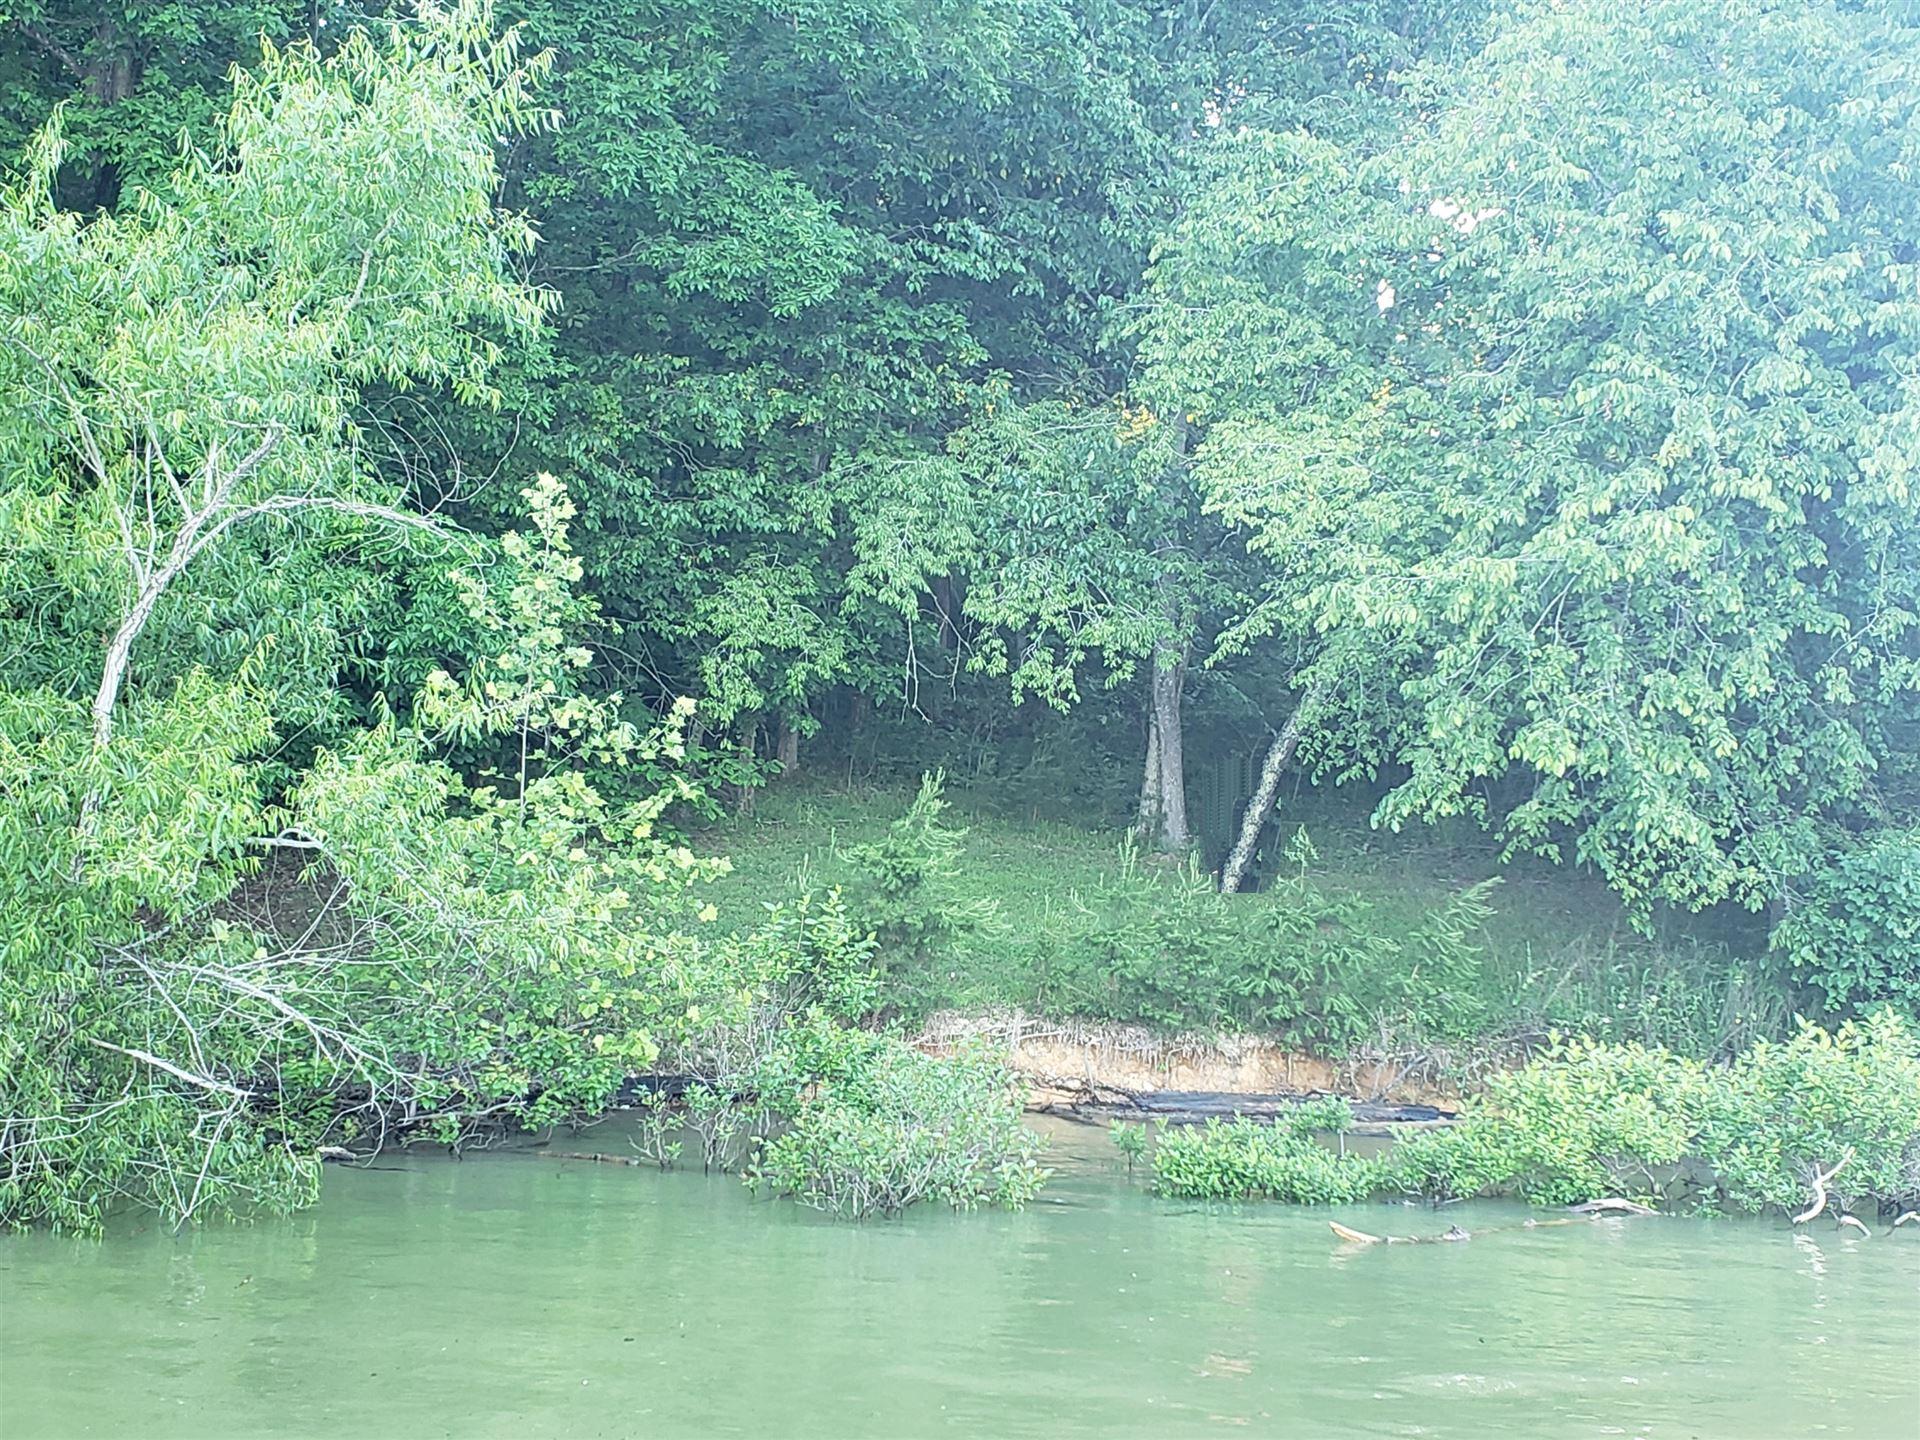 Photo for Lot B/44 Bootbluff Trail, Dandridge, TN 37725 (MLS # 1118684)